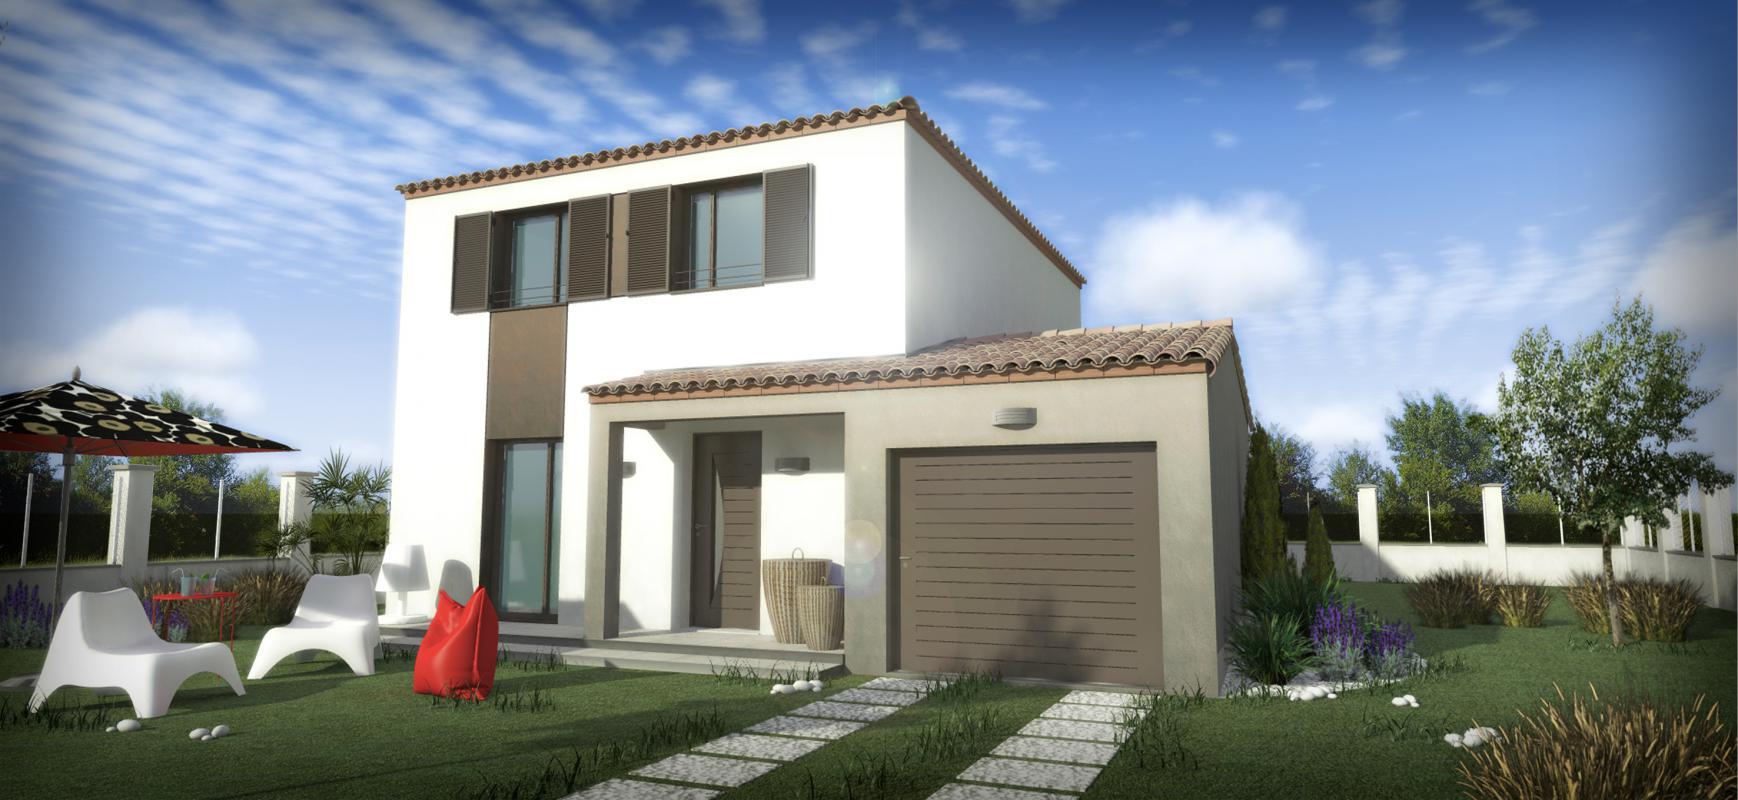 Maisons + Terrains du constructeur SM MAISON • 85 m² • THUIR